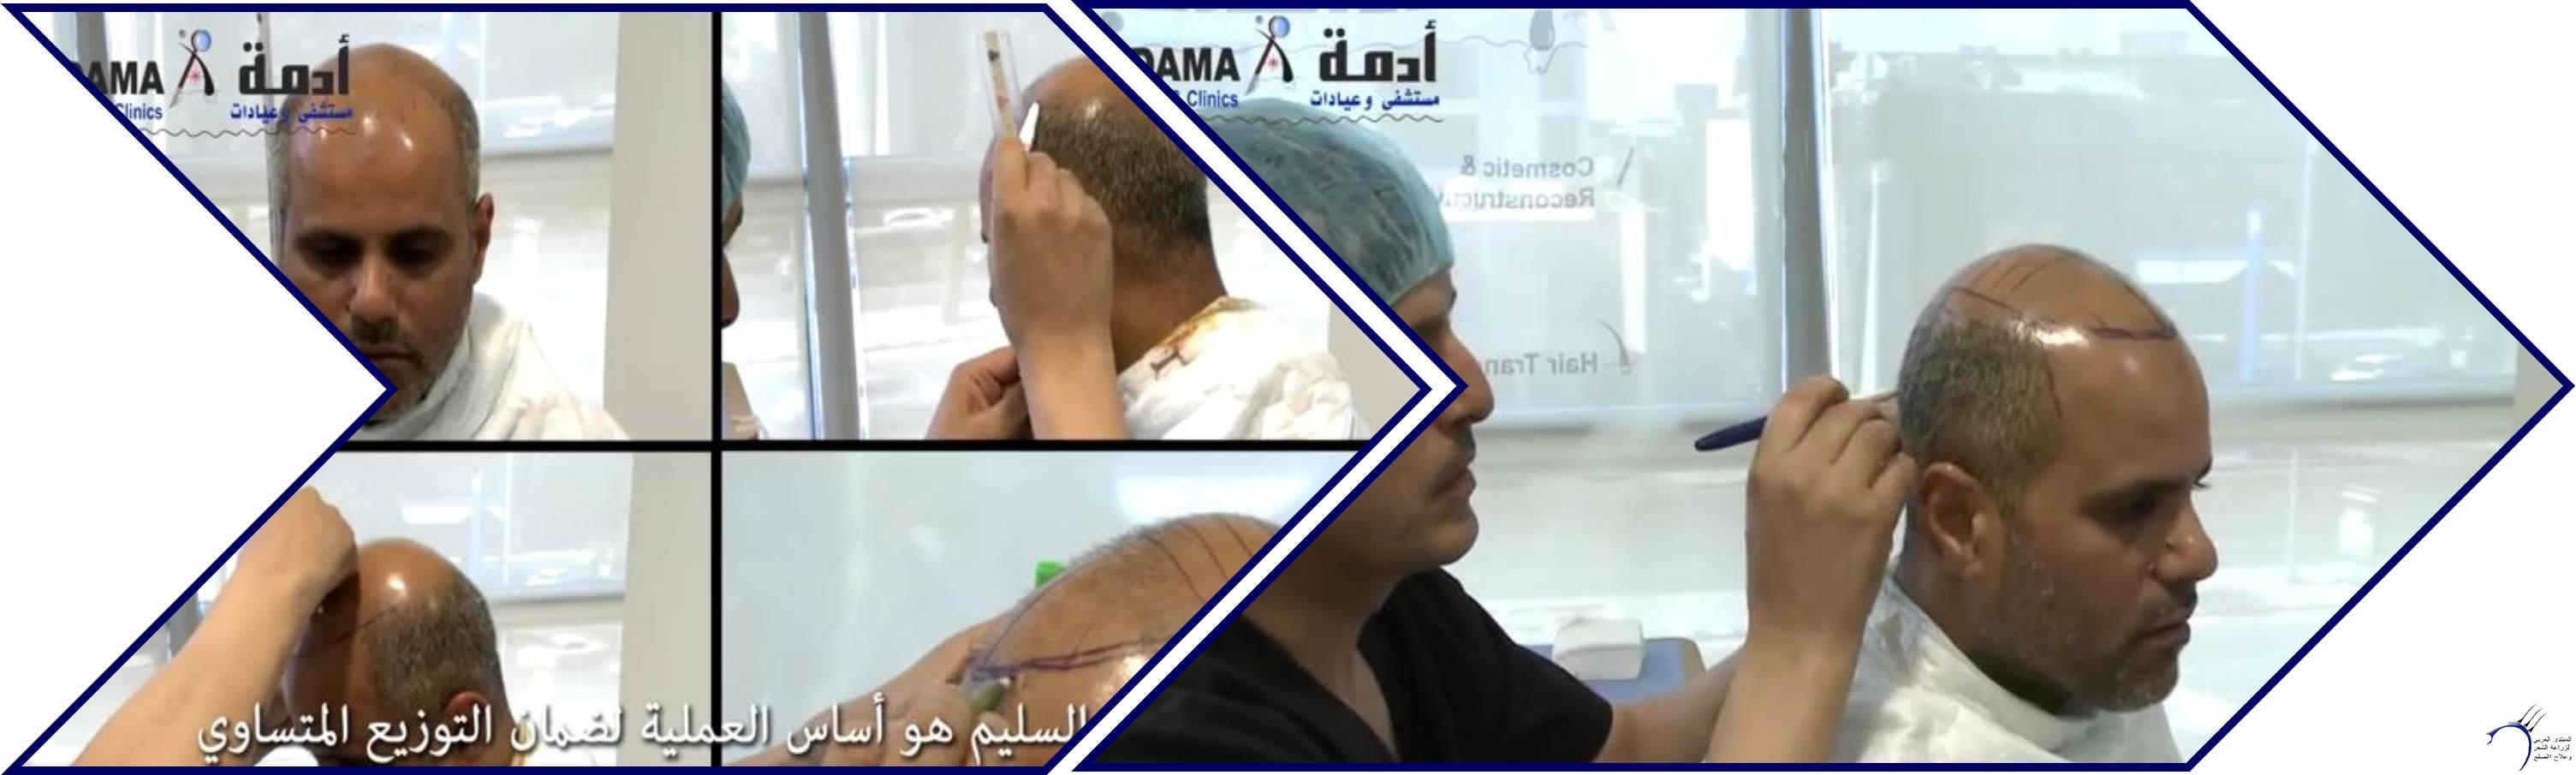 مشاكل الصلع وزراعة الشعر للدكتور www.hairarab.com19f8